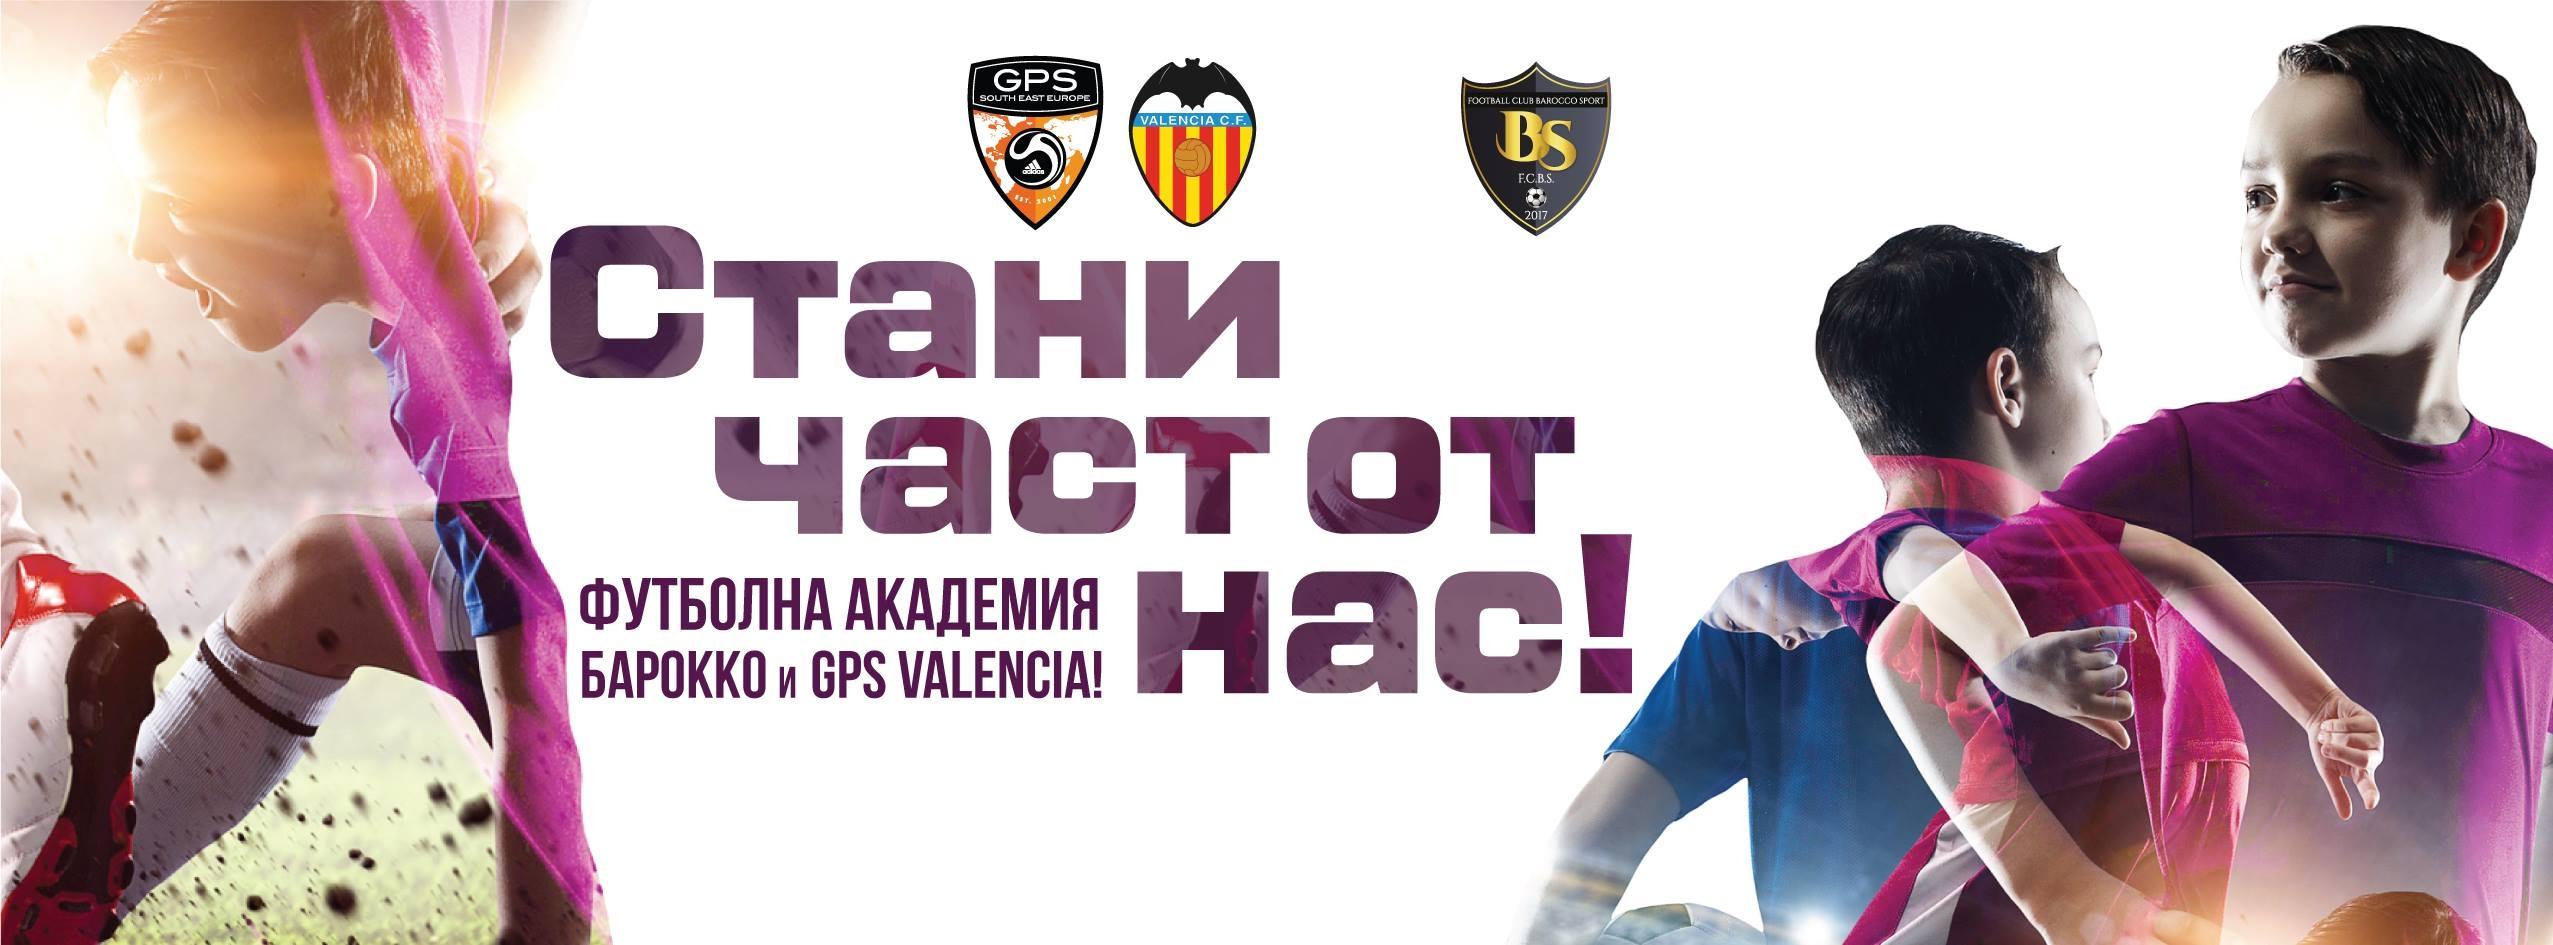 Футболна Академия Барокко спорт, официален партньор на GPS/Valencia за България,